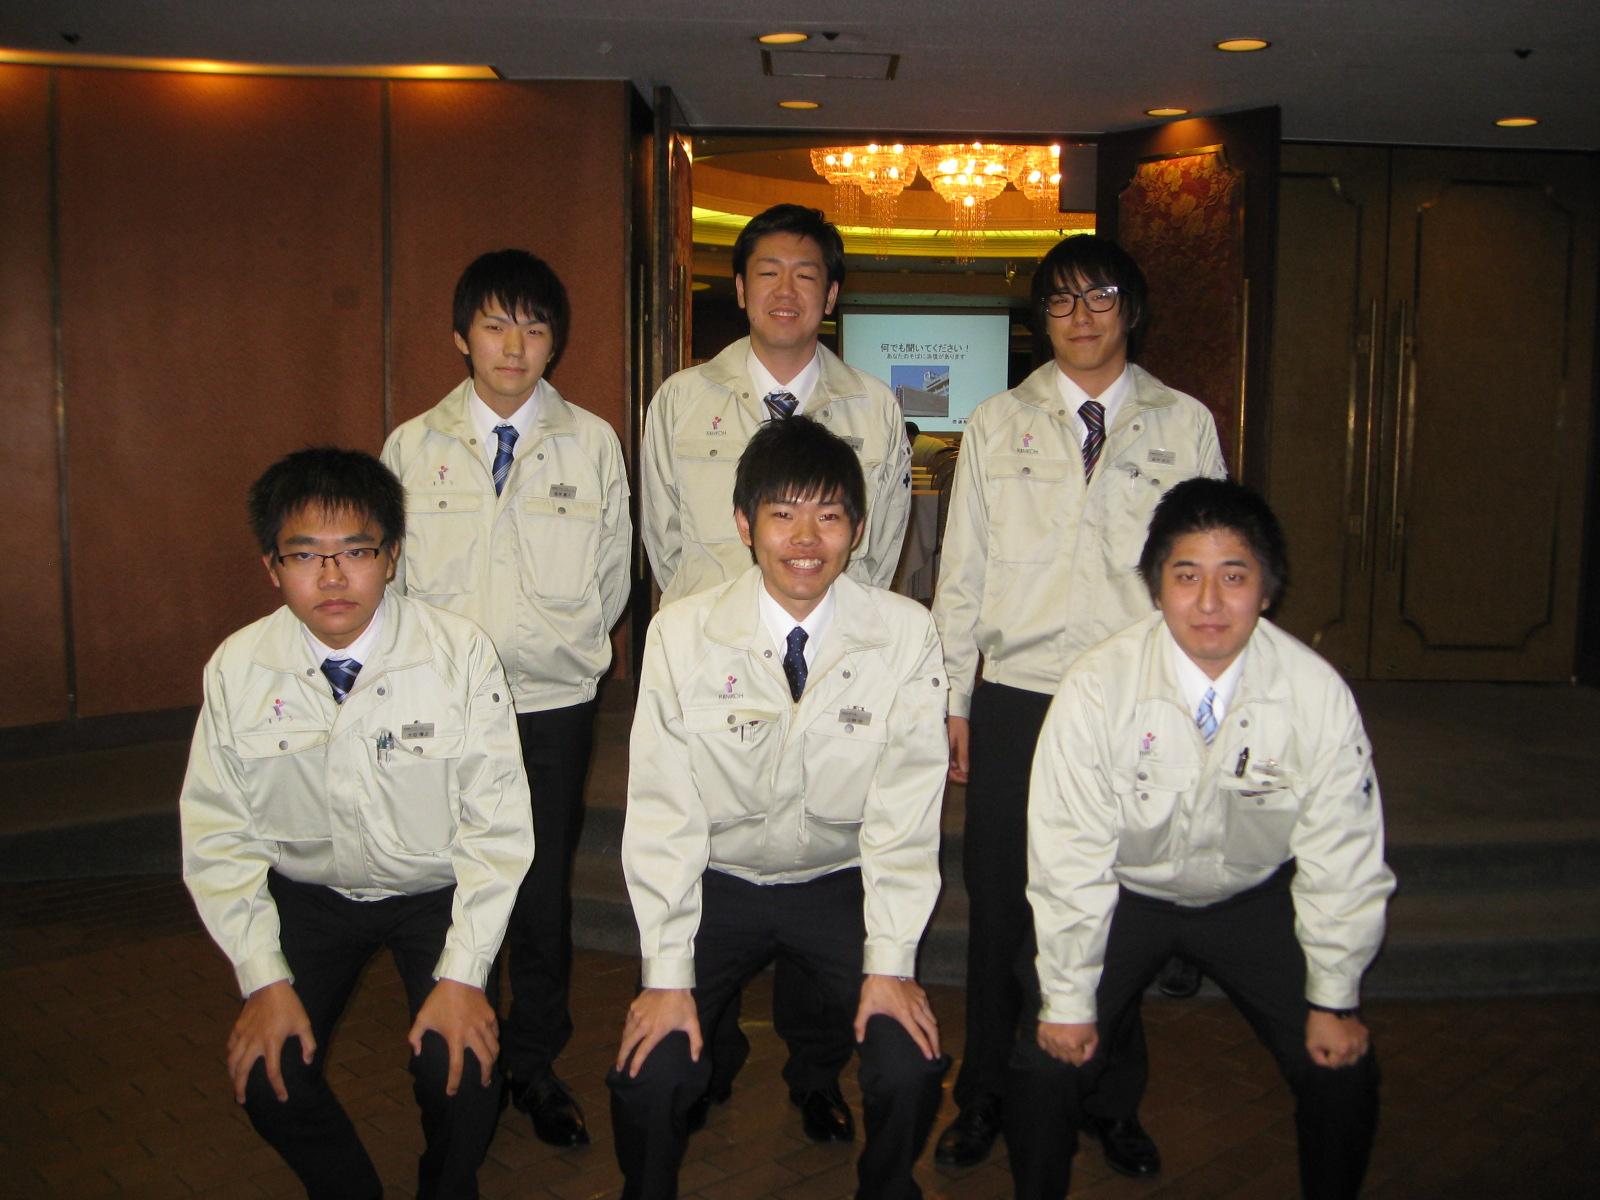 年間休日117日若手が元気な会社です。